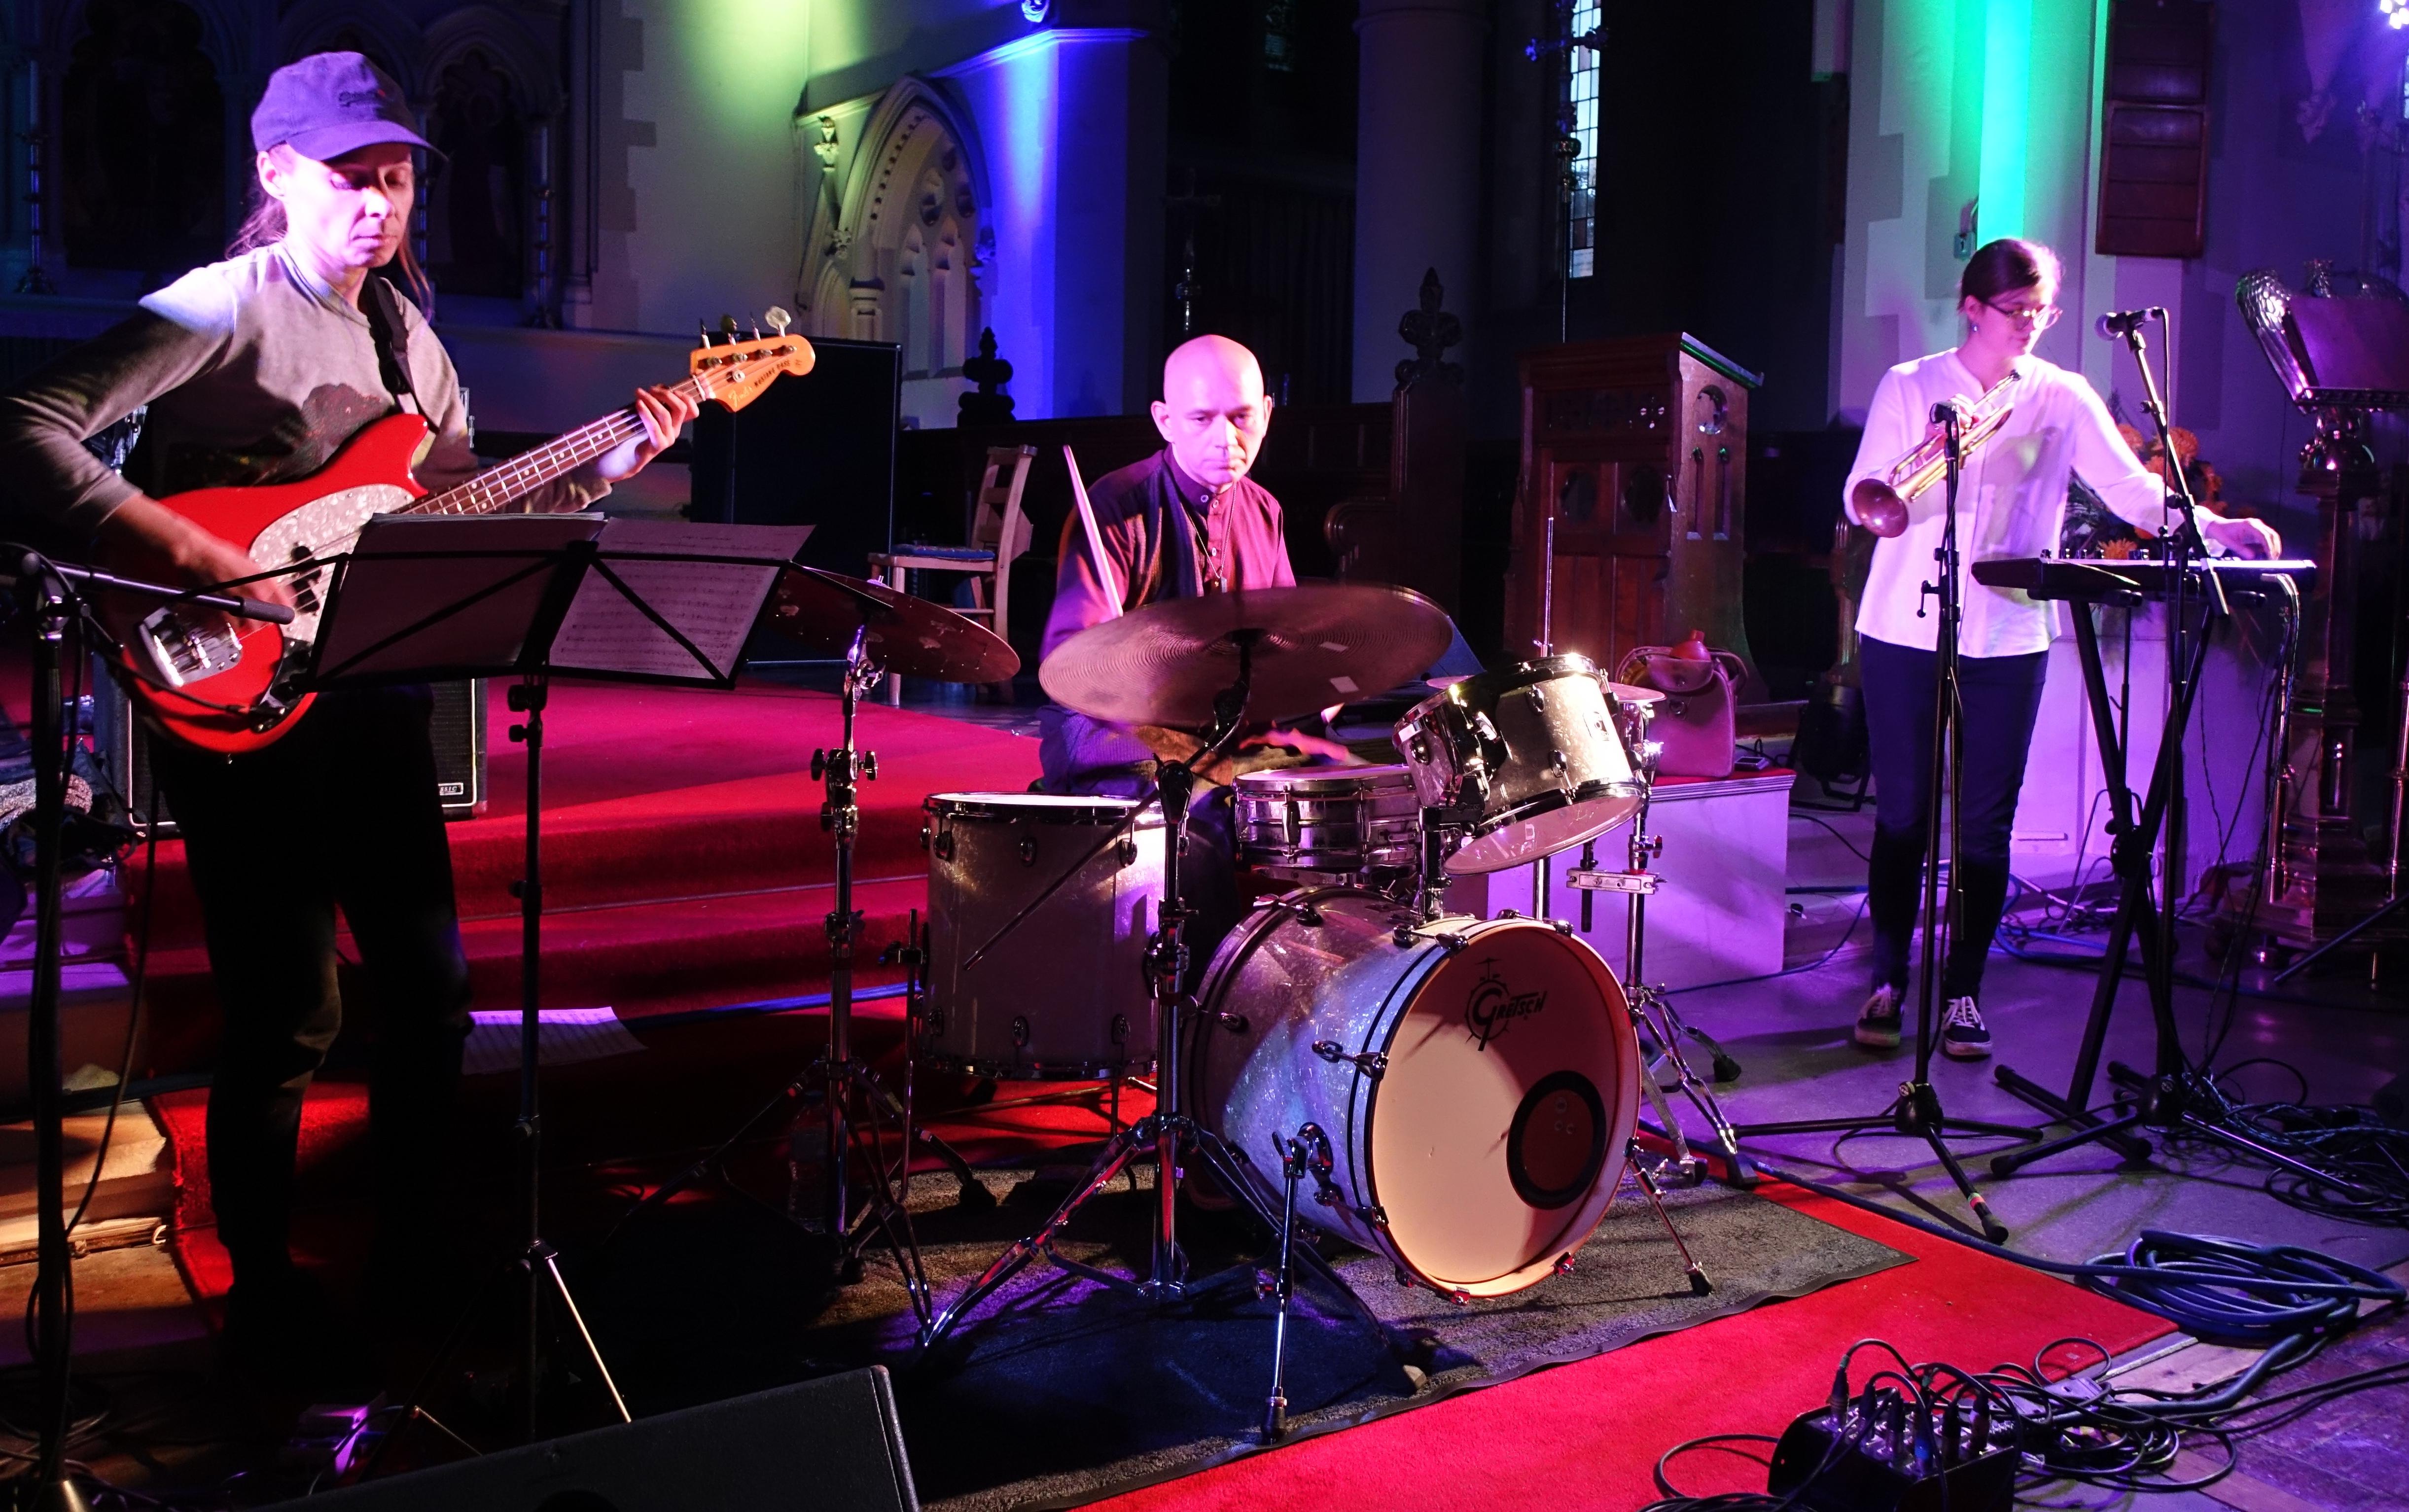 Laura Jurd's Dinosaur at Brighton Alternative Jazz Festival in October 2018